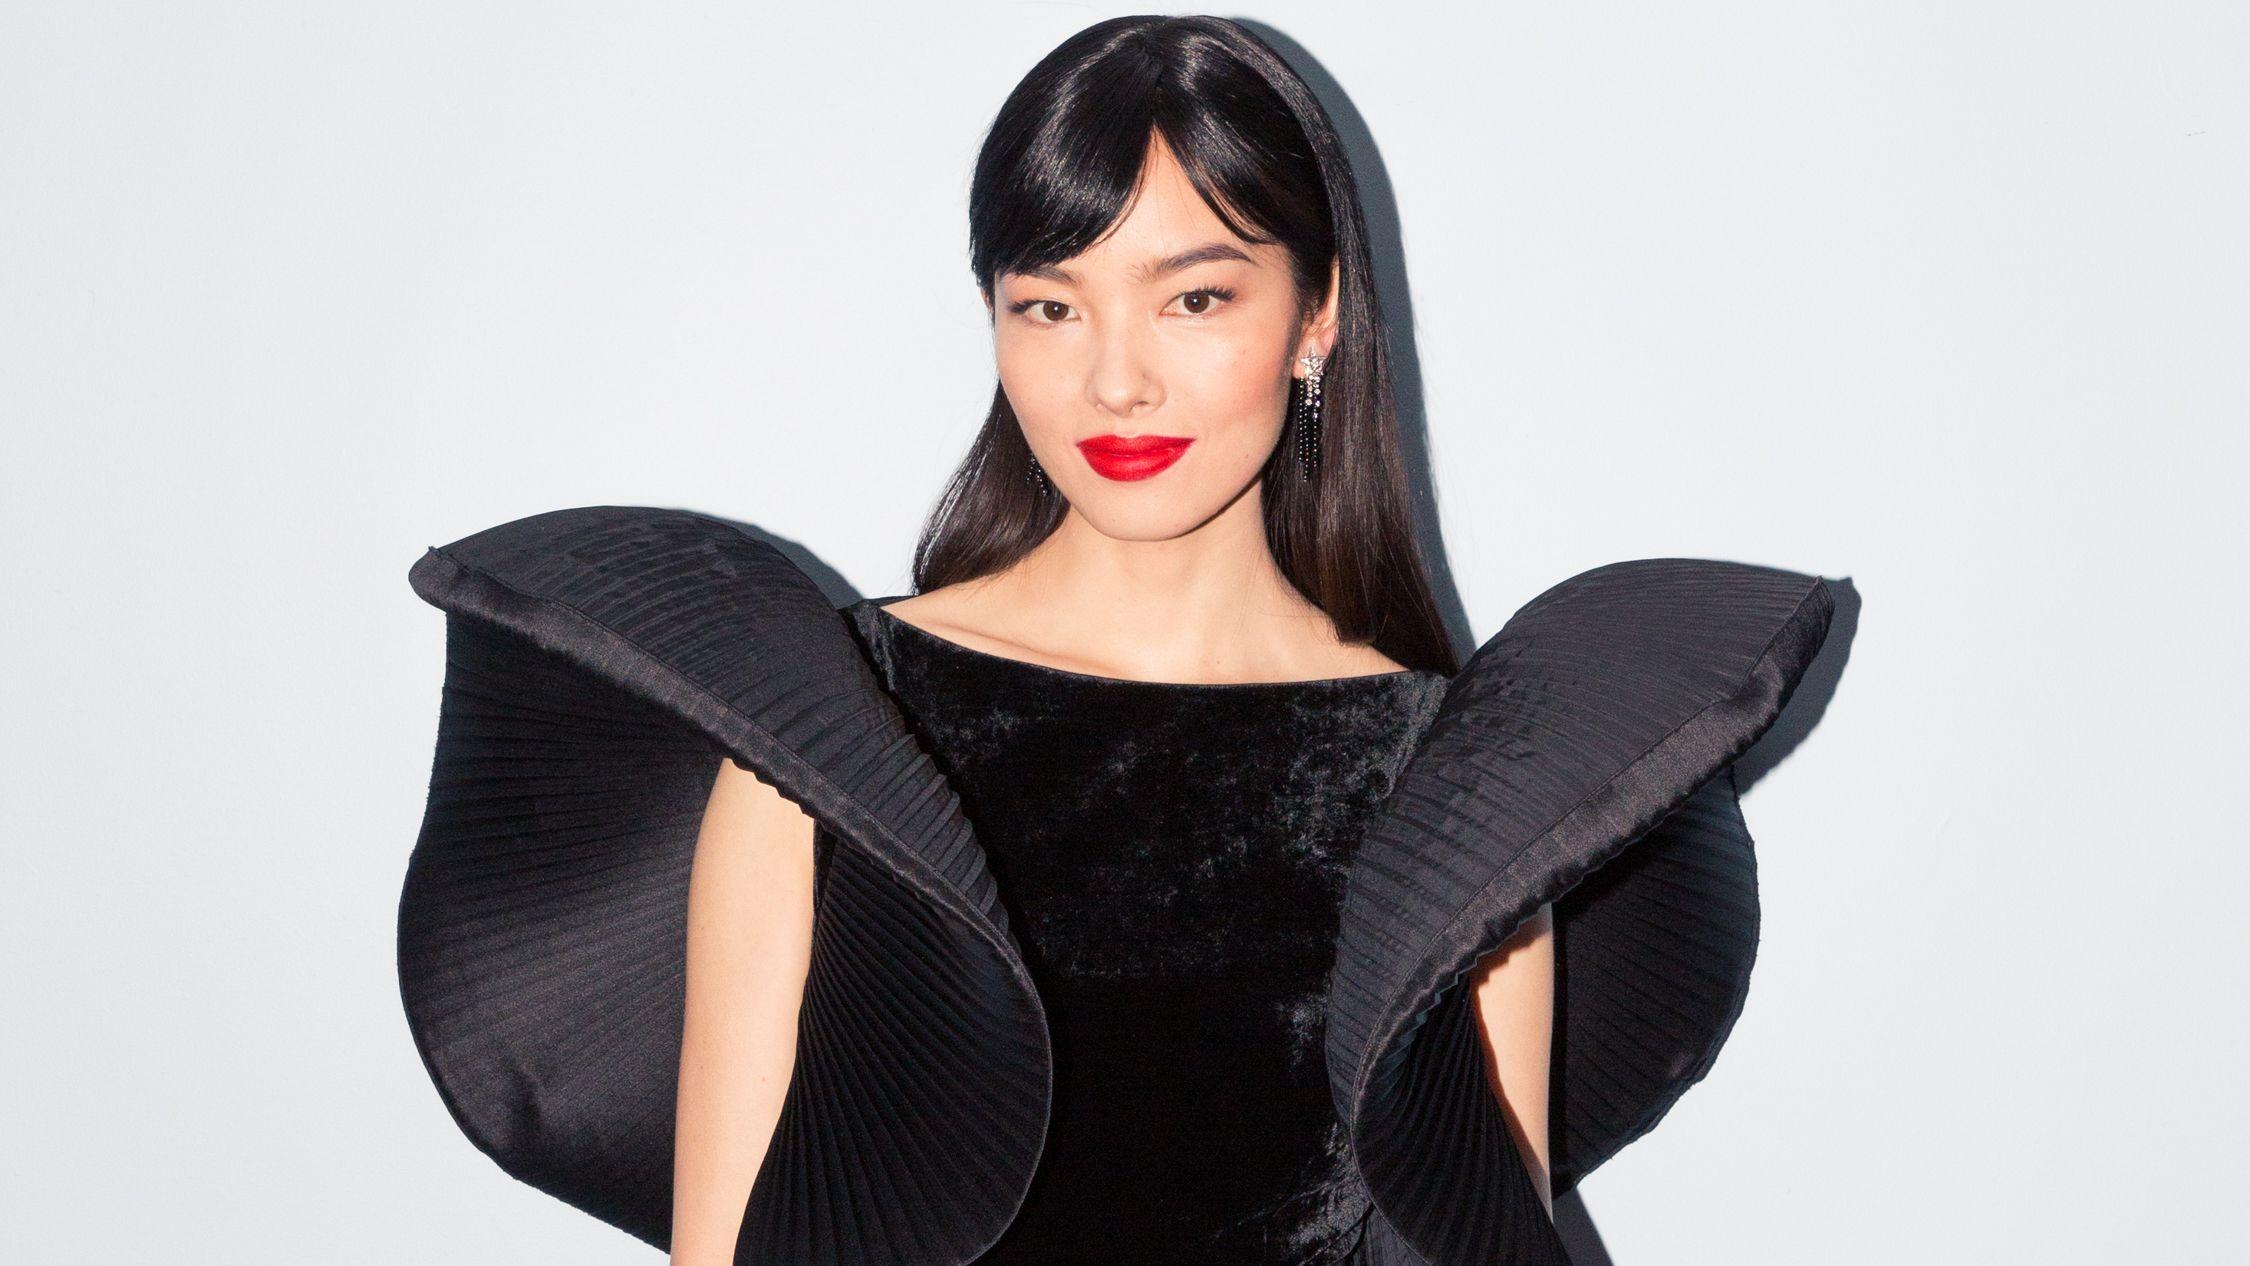 Model Fei Fei Sun Is a Met Gala Veteran